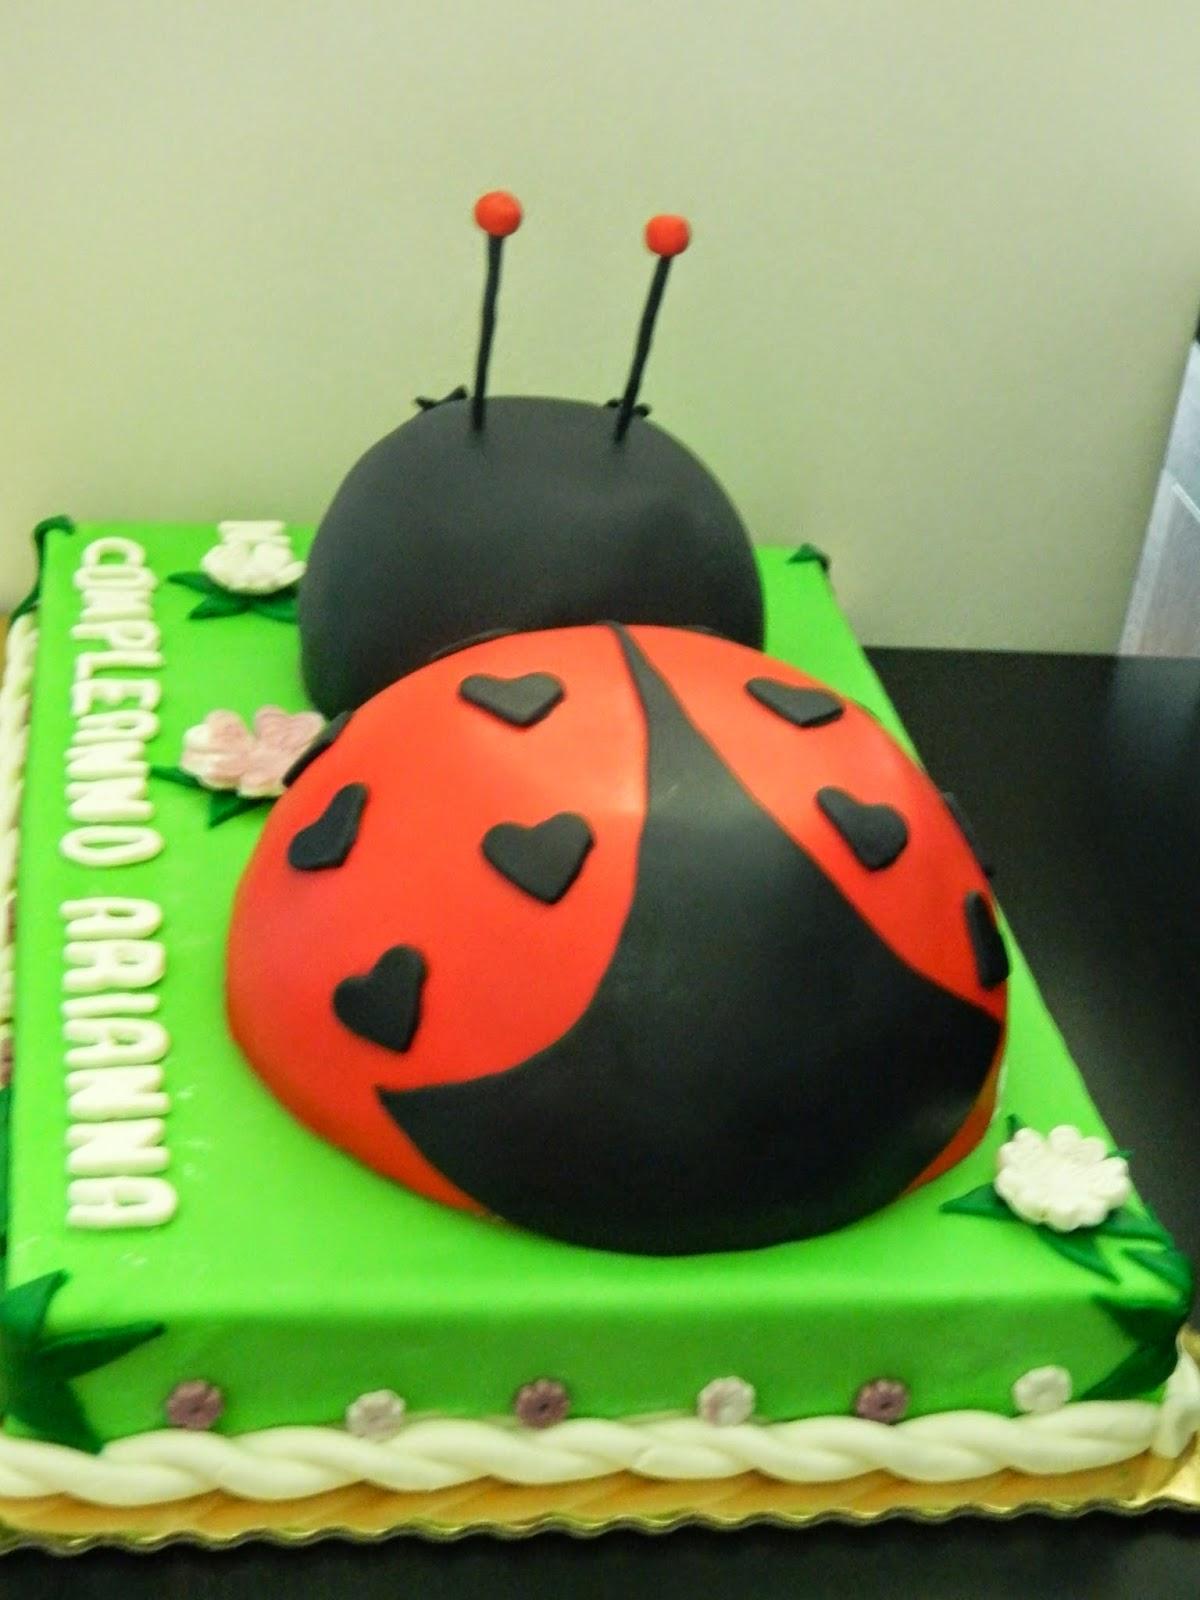 In cucina con vanna torta di compleanno a forma di coccinella for Isola cucina a forma di torta